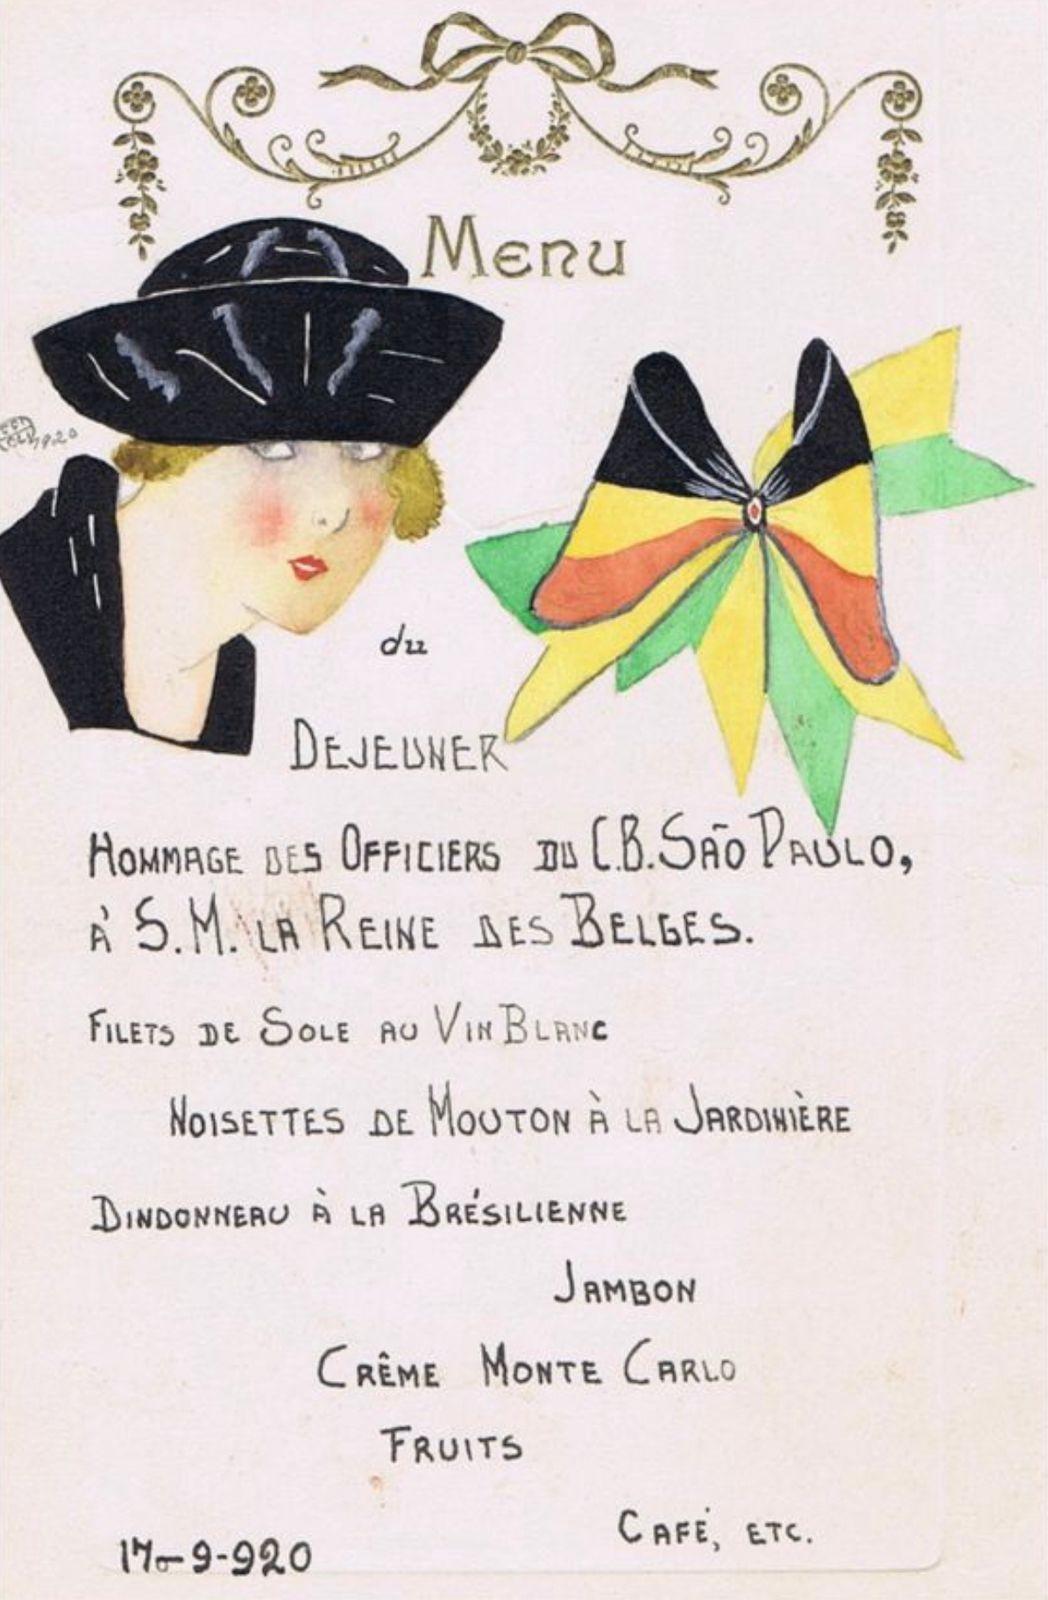 A Confeitaria Colombo  inspirou-se no  menu oferecido para o rei da Bélgica Alberto I  e sua esposa, a Rainha Elisabeth, em passagem pelo Rio em 1920, para festejar seus 127 anos